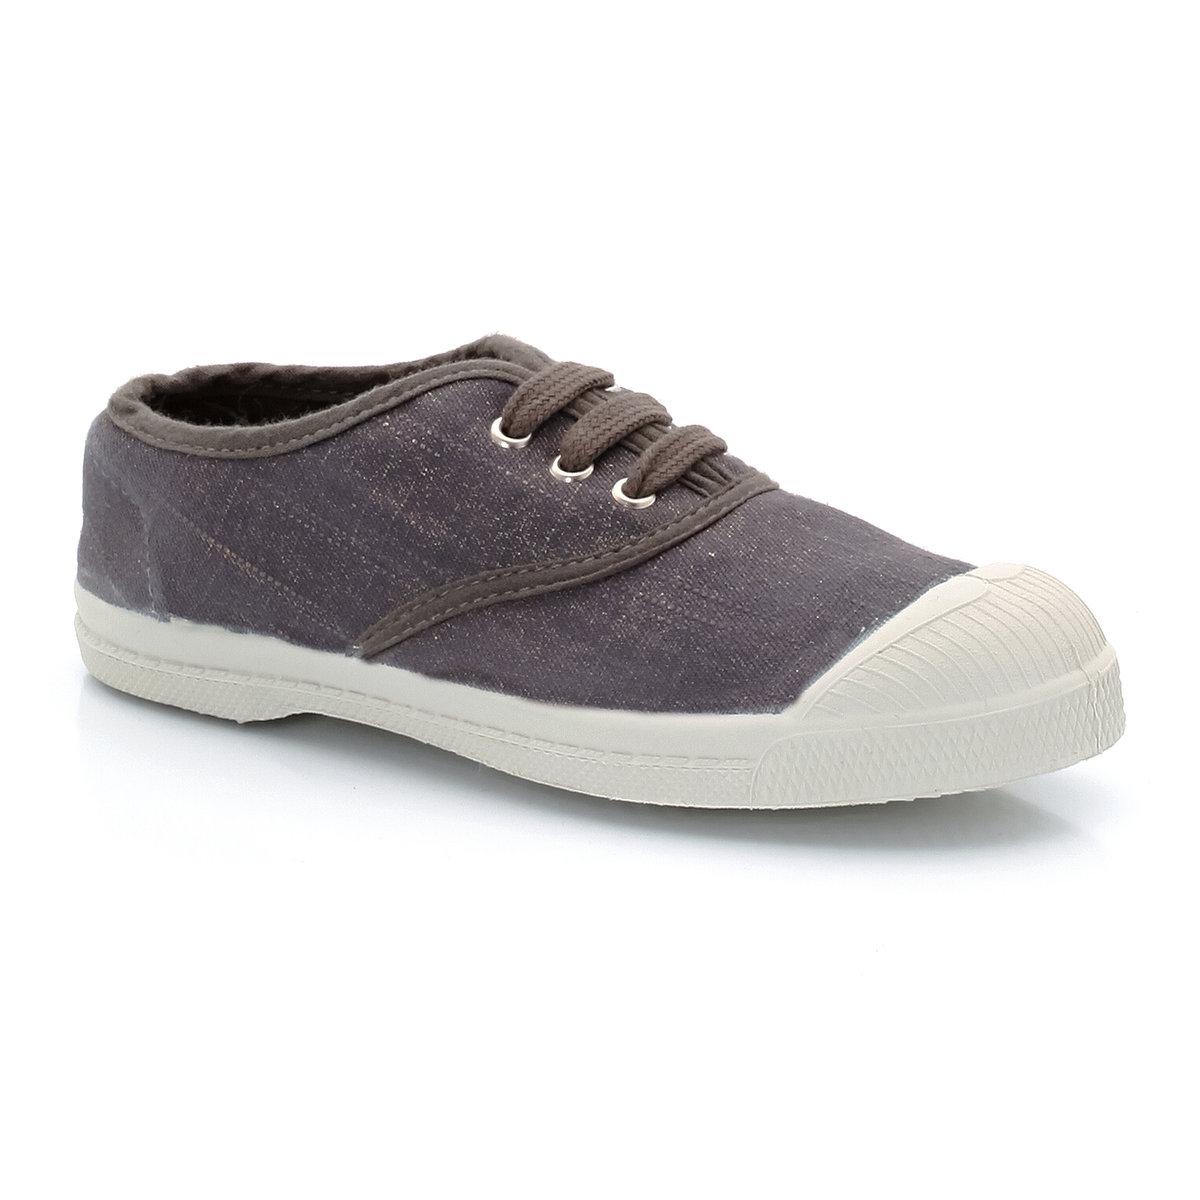 Кеды GlossyОписание:Детали •  Спортивный стиль •  Плоский каблук •  Застежка : шнуровкаСостав и уход •  Верх 100% ткань •  Подкладка 100% текстиль •  Стелька 100% текстиль •  Подошва 100% каучук<br><br>Цвет: рисунок серо-коричневый<br>Размер: 27